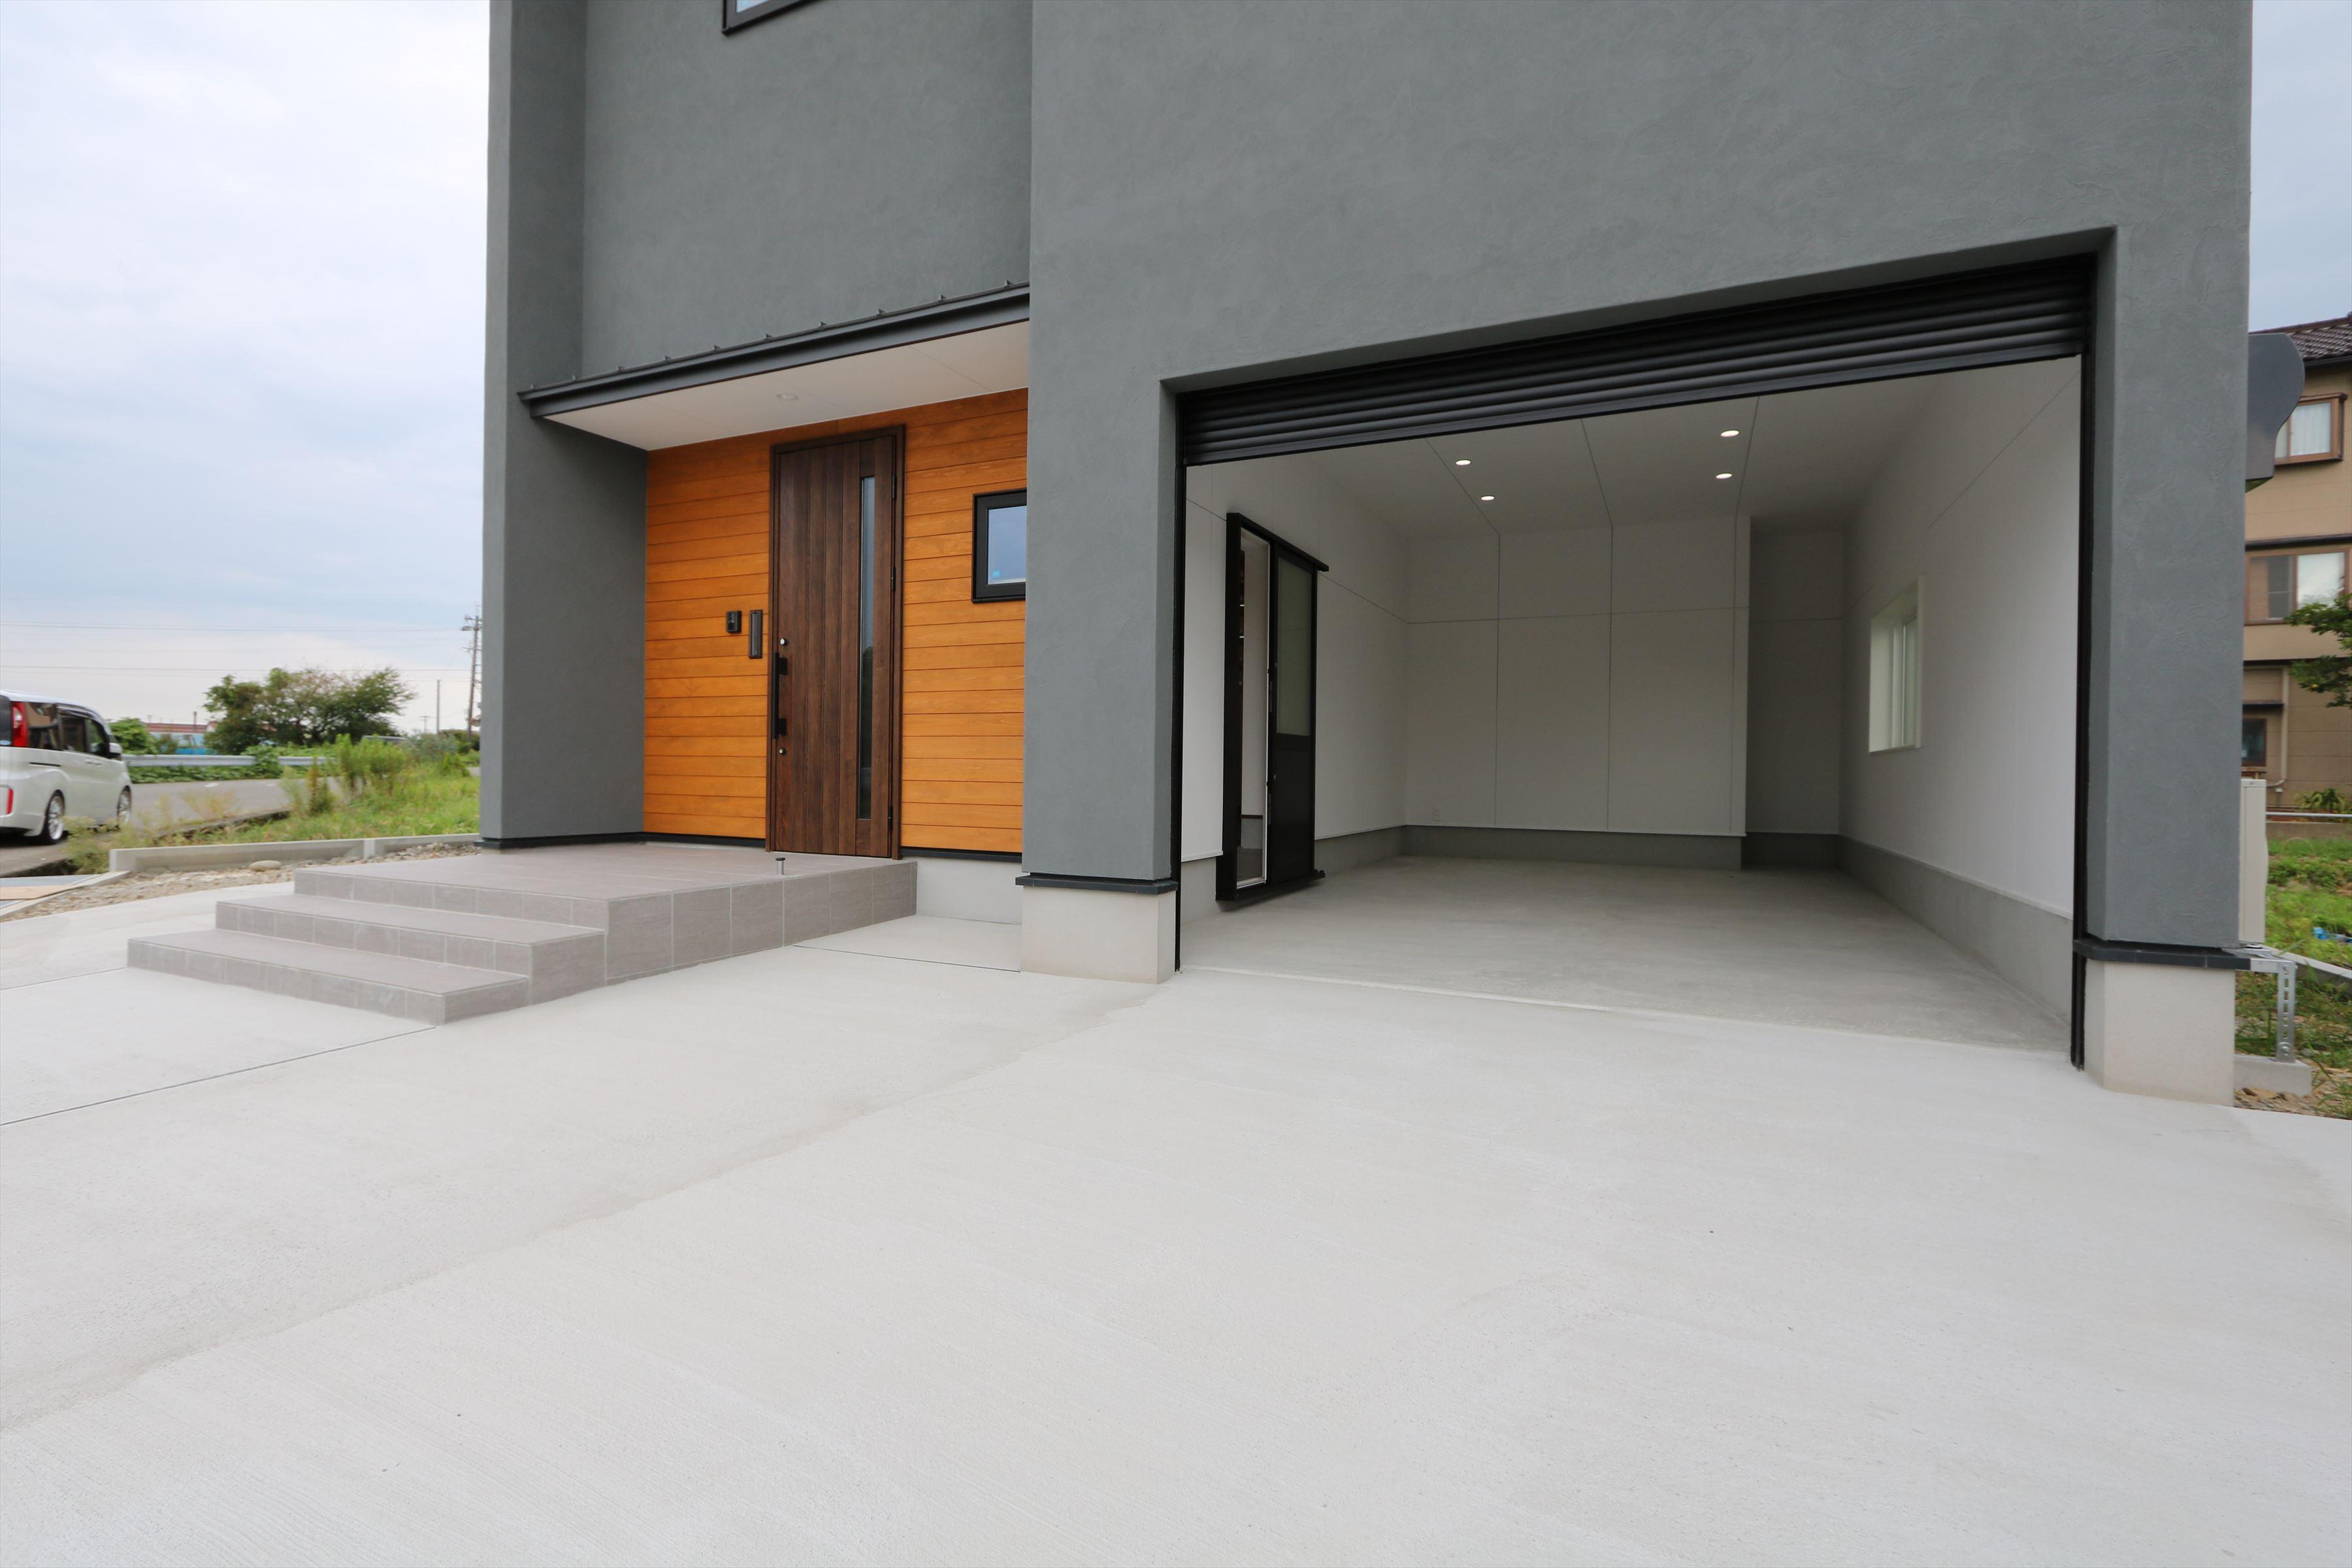 エコプラスの家|石川県金沢市の注文住宅・デザイン性・新築の家・戸建て|E-HOUSE